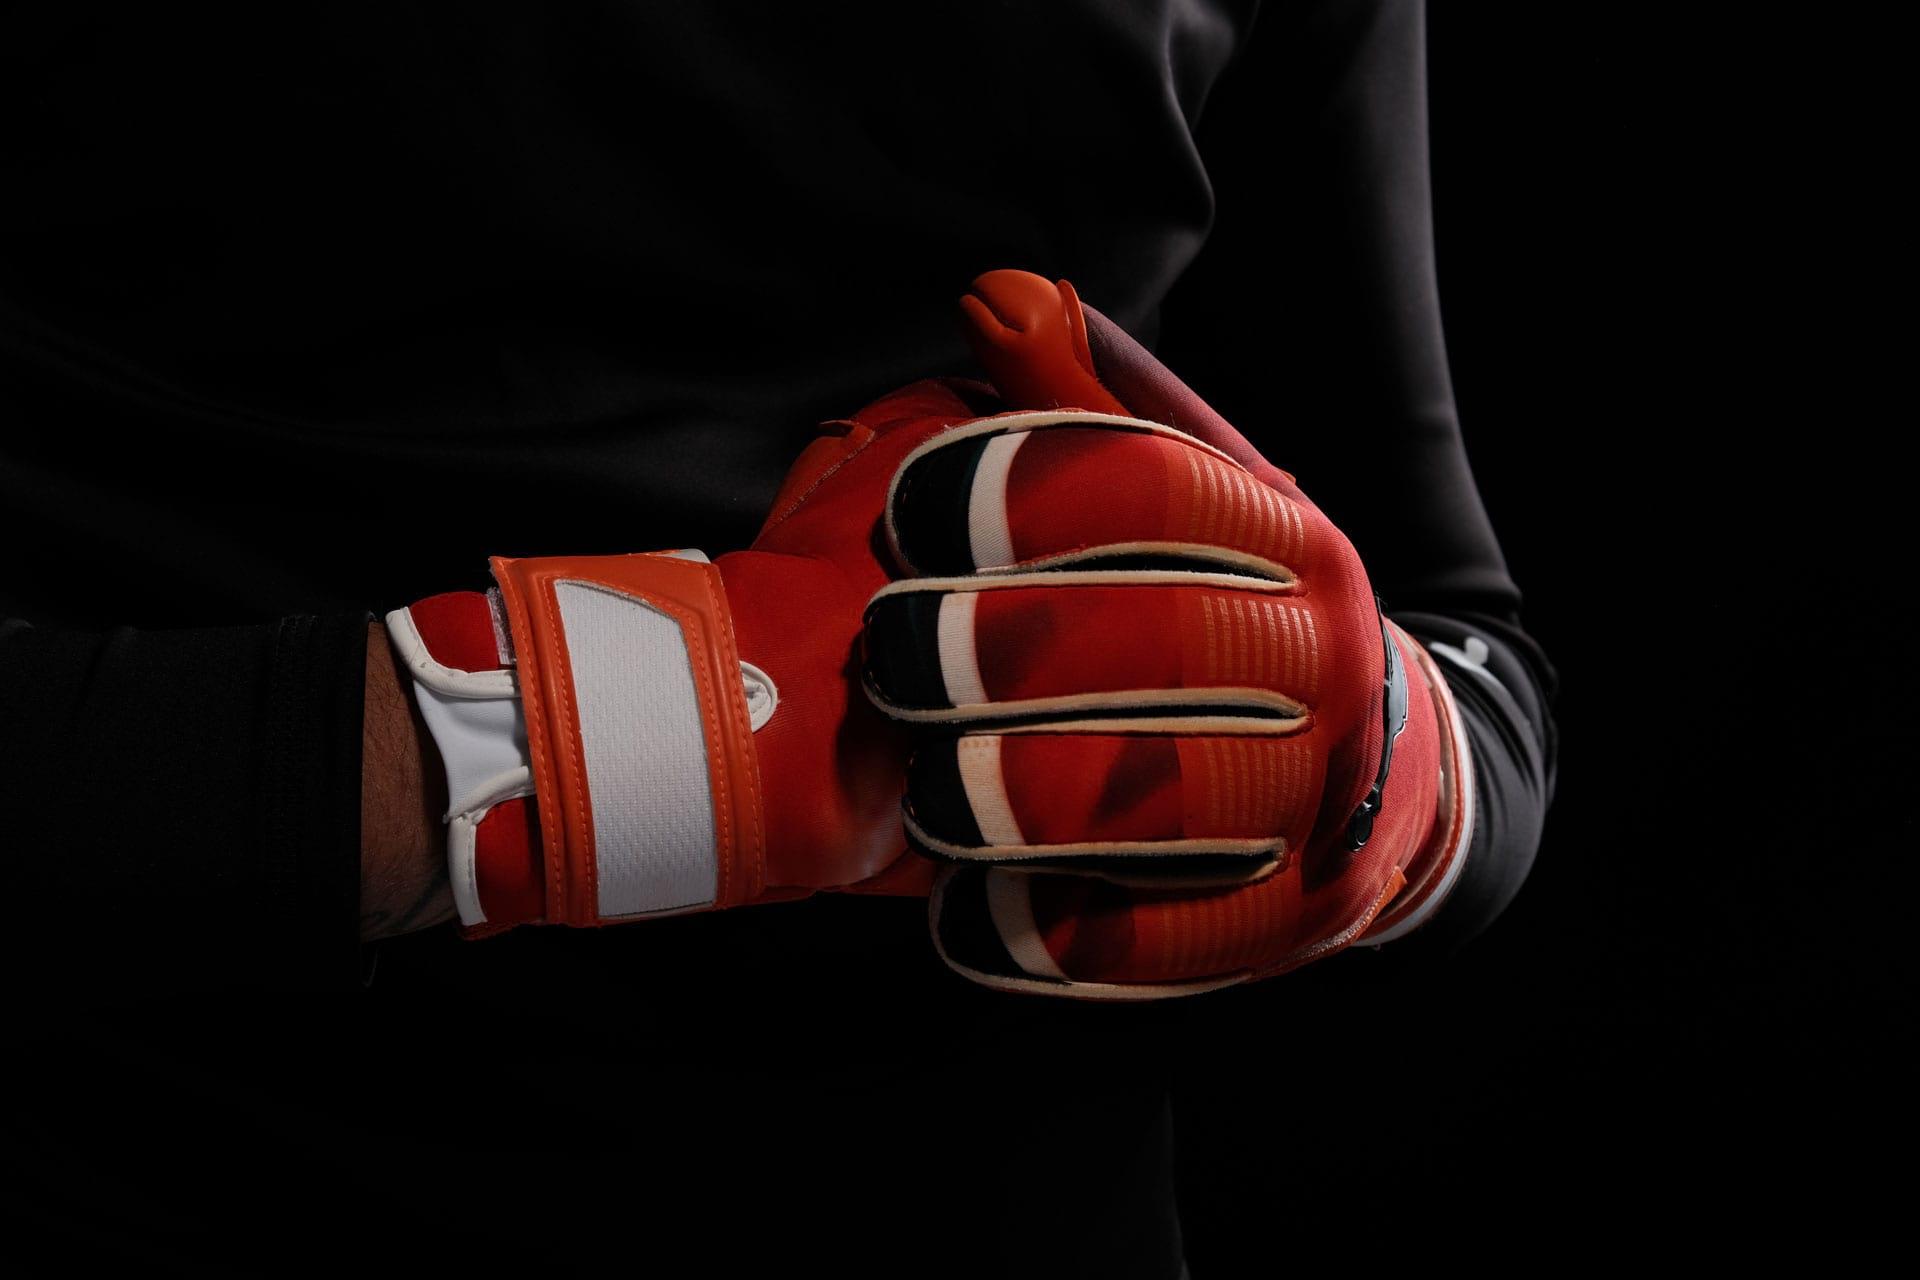 Вратарские перчатки Brave GK PT Negative-интернет-магазин Brave GK